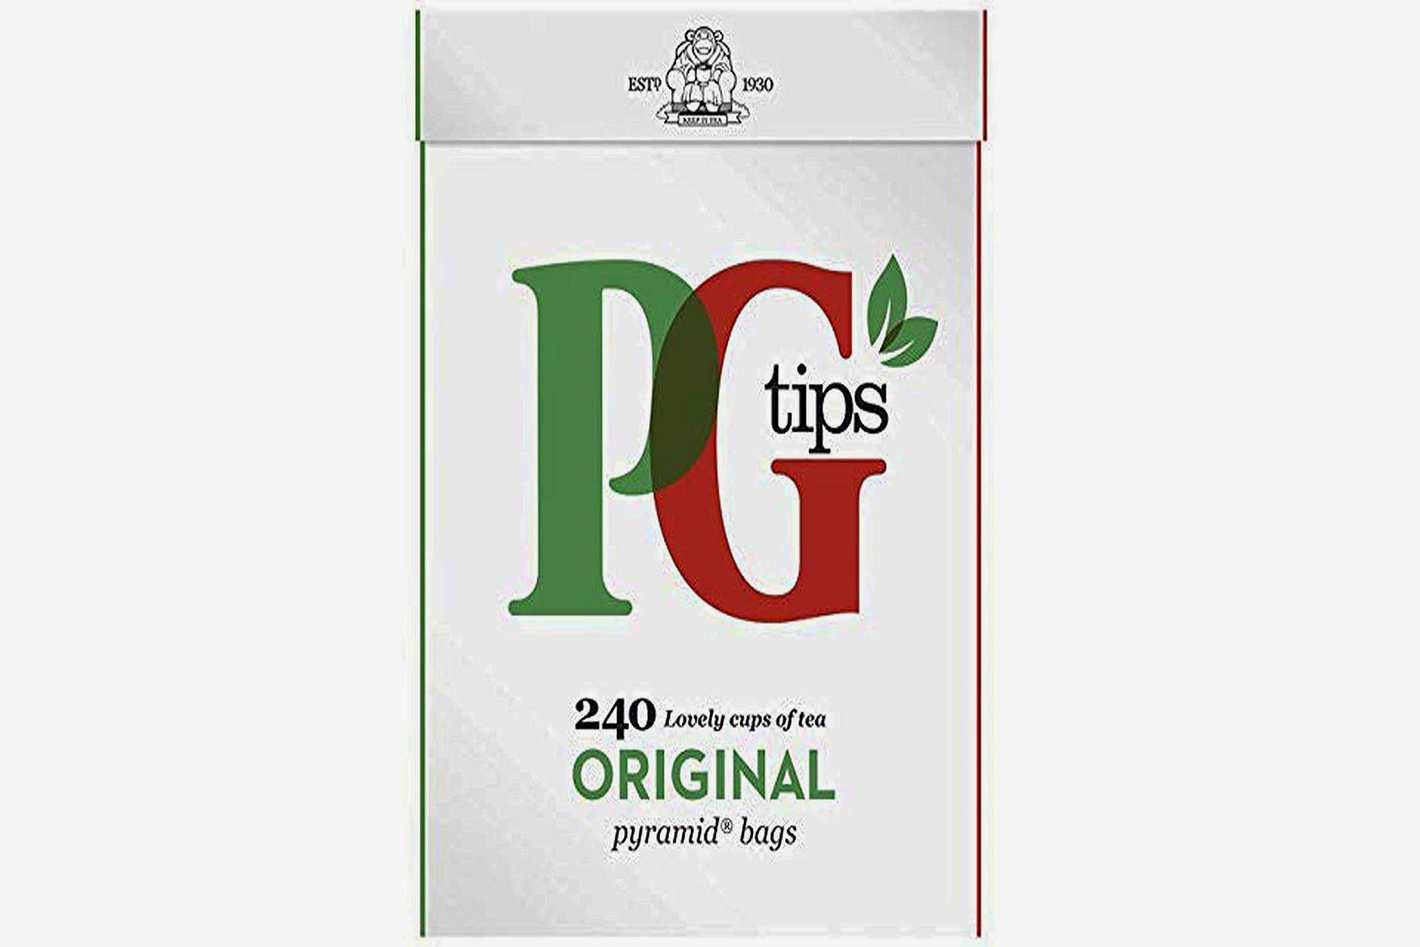 PG Tips Black Tea